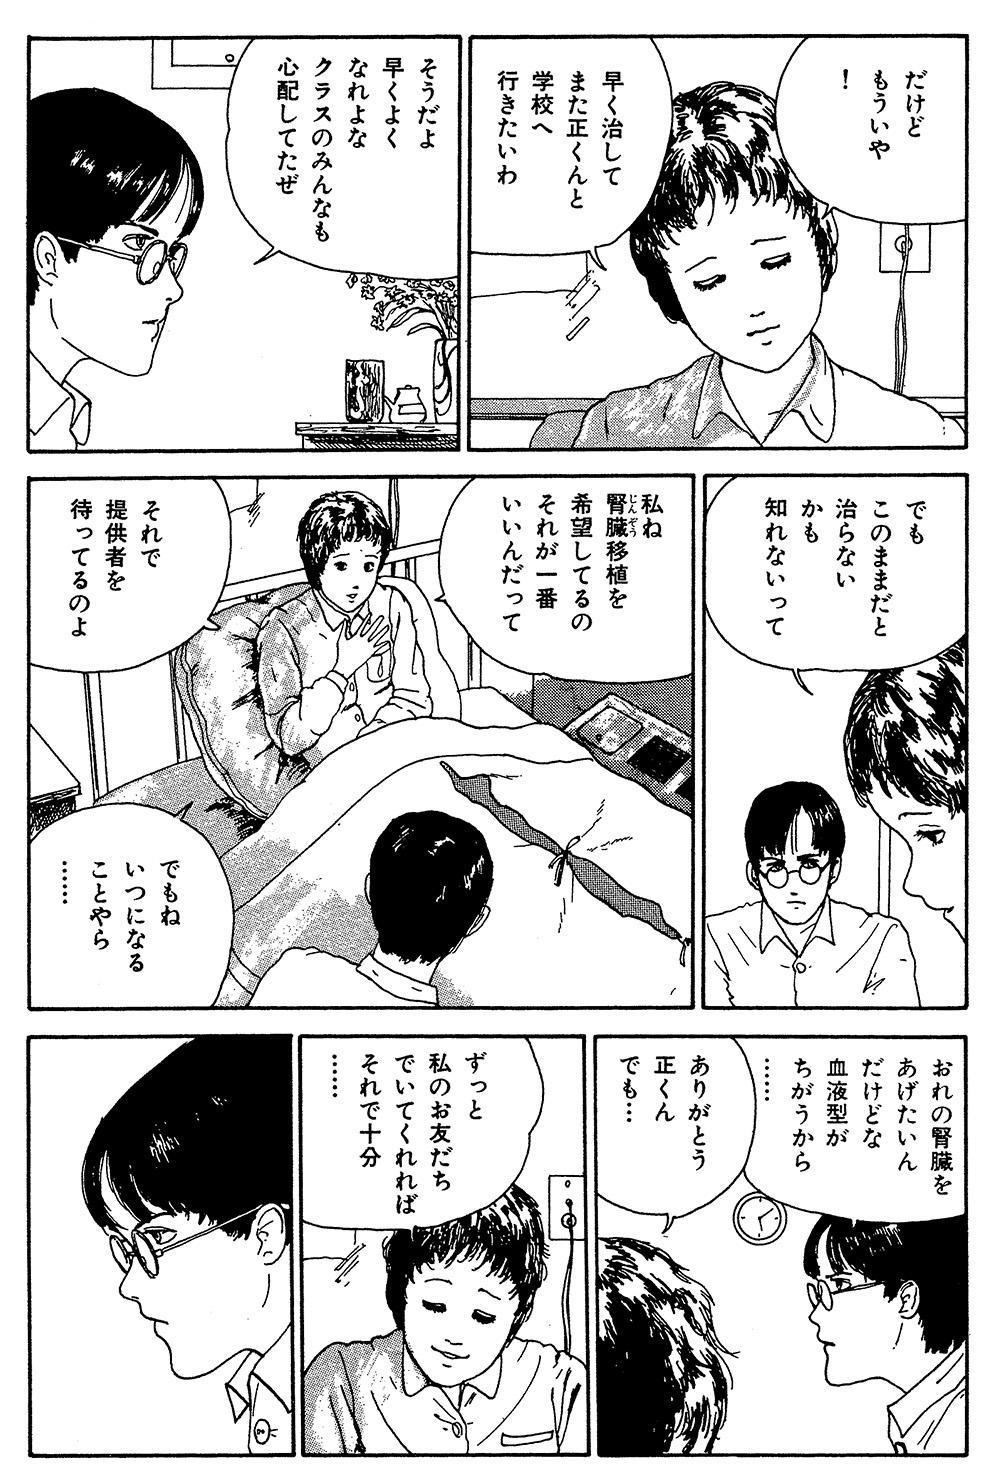 伊藤潤二傑作集 第2話「富江 森田病院編」①itouj_0001_0039.jpg